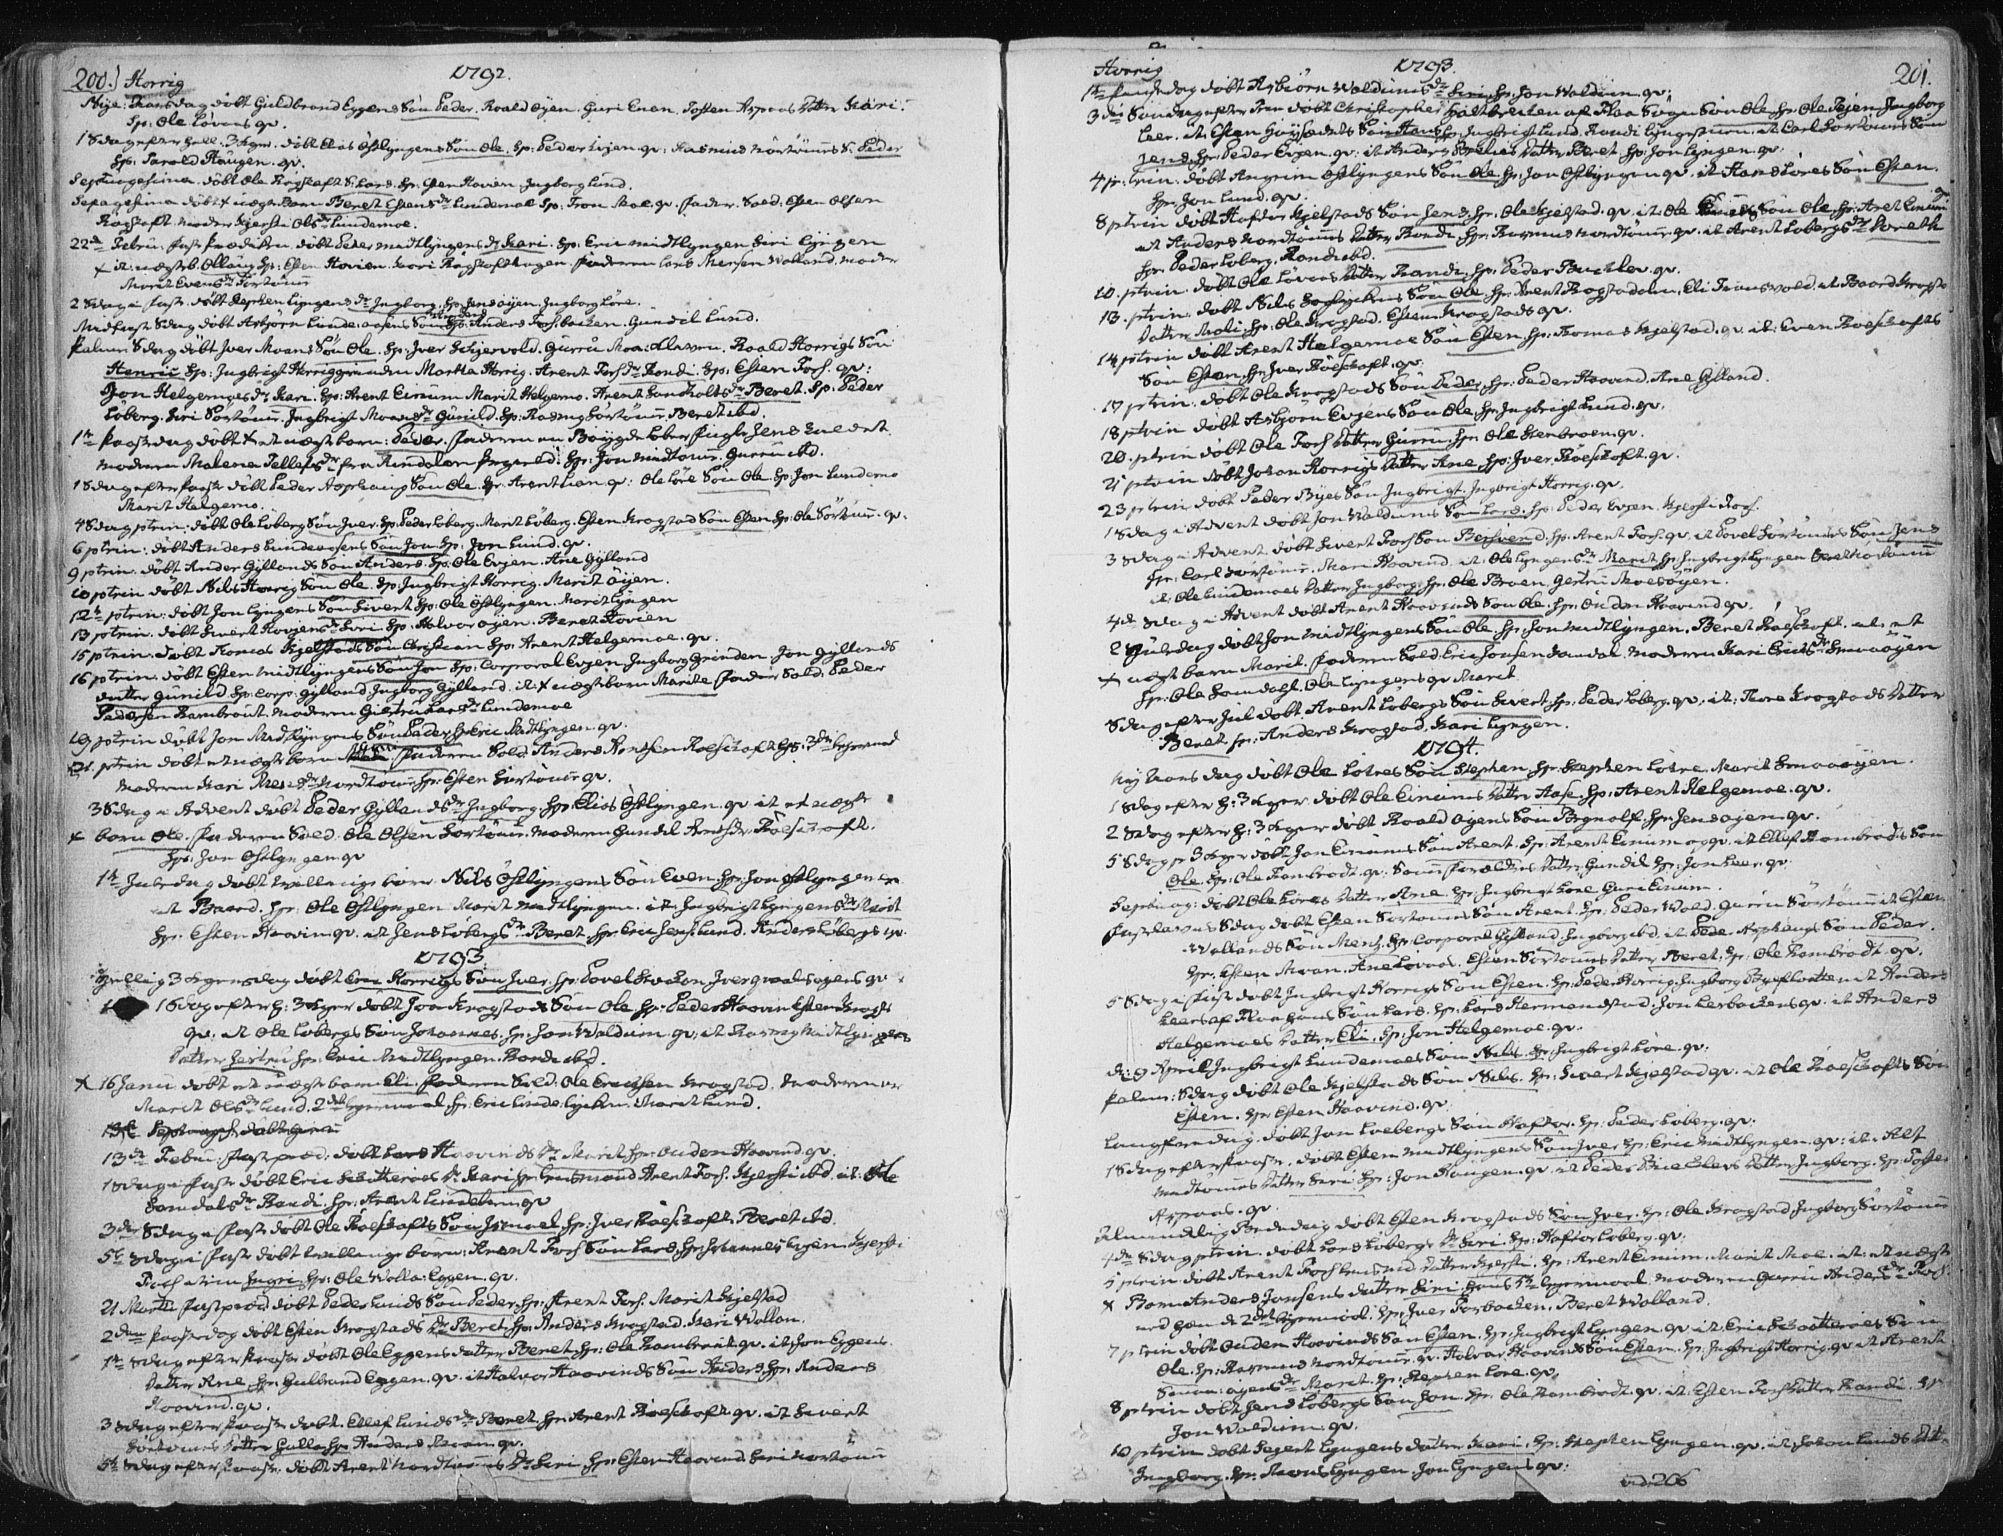 SAT, Ministerialprotokoller, klokkerbøker og fødselsregistre - Sør-Trøndelag, 687/L0992: Ministerialbok nr. 687A03 /1, 1788-1815, s. 200-201